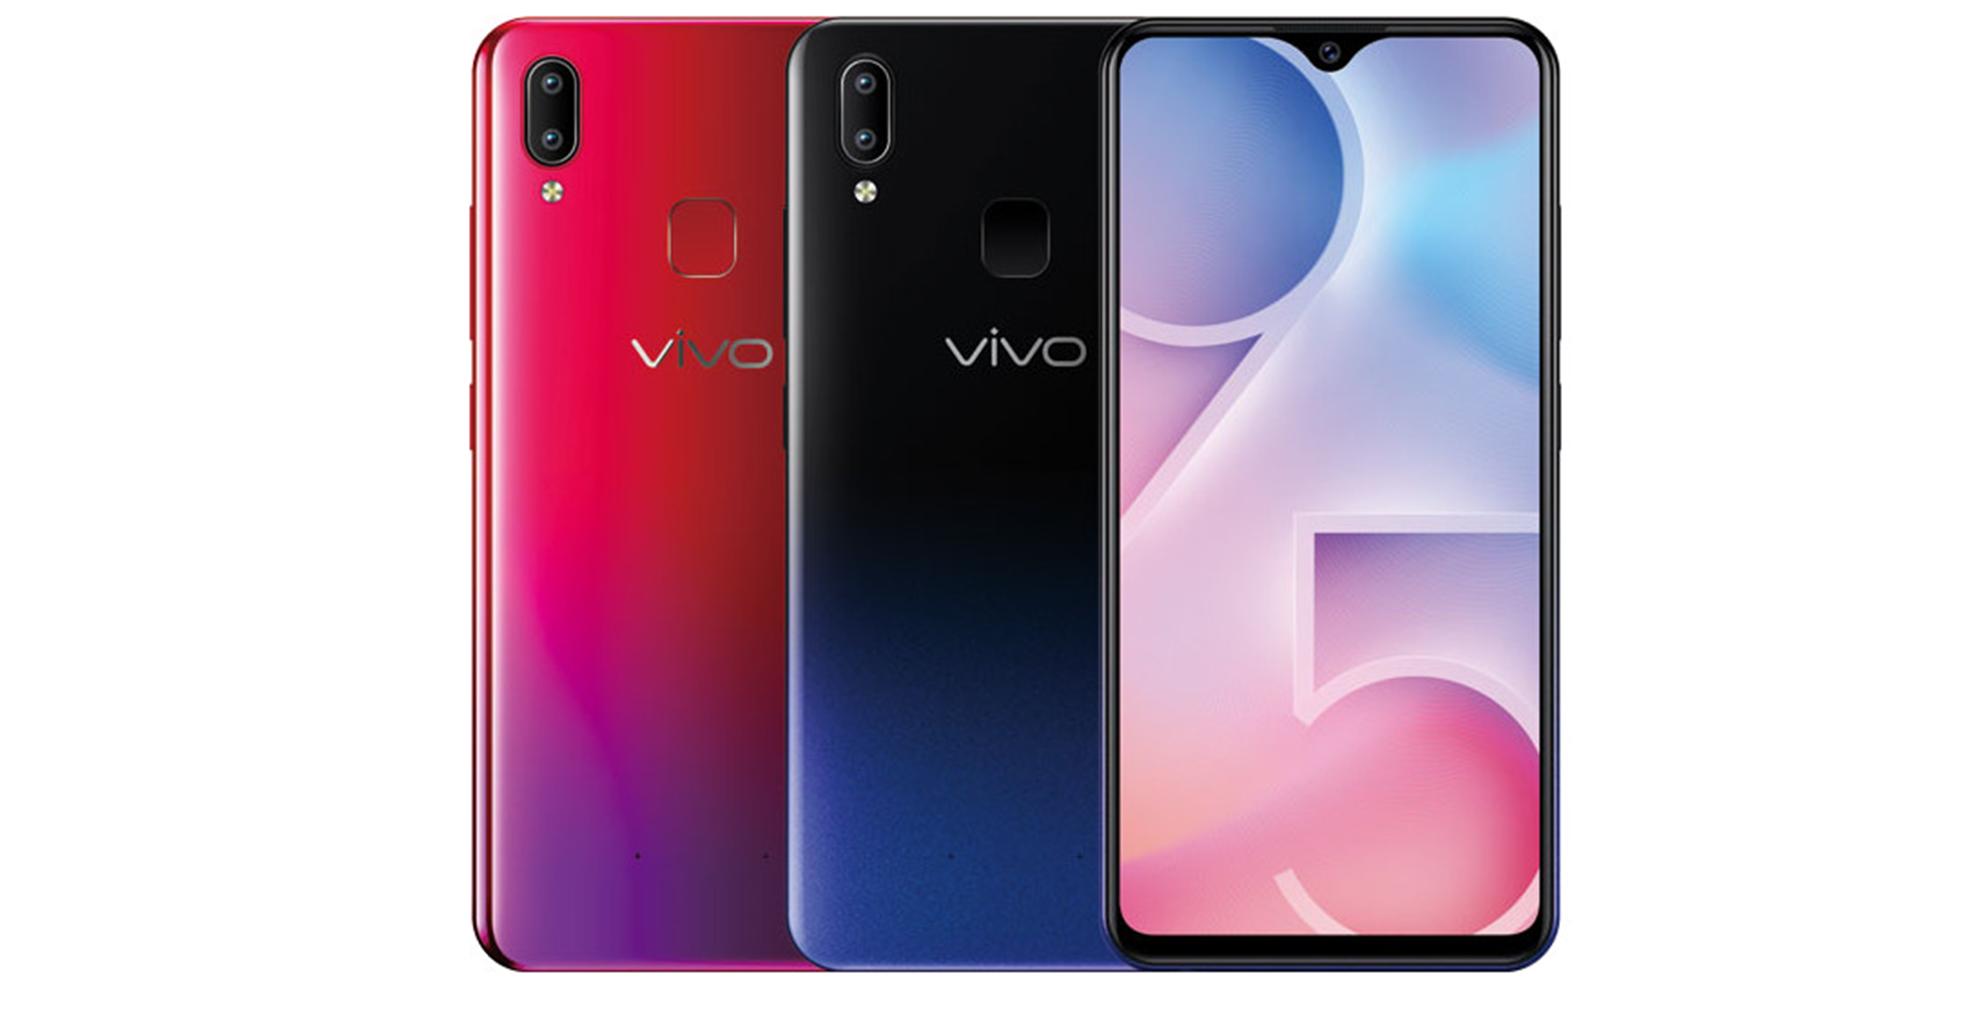 Vivo Y95 představeno, nabízí velkorysou kapacitu baterie